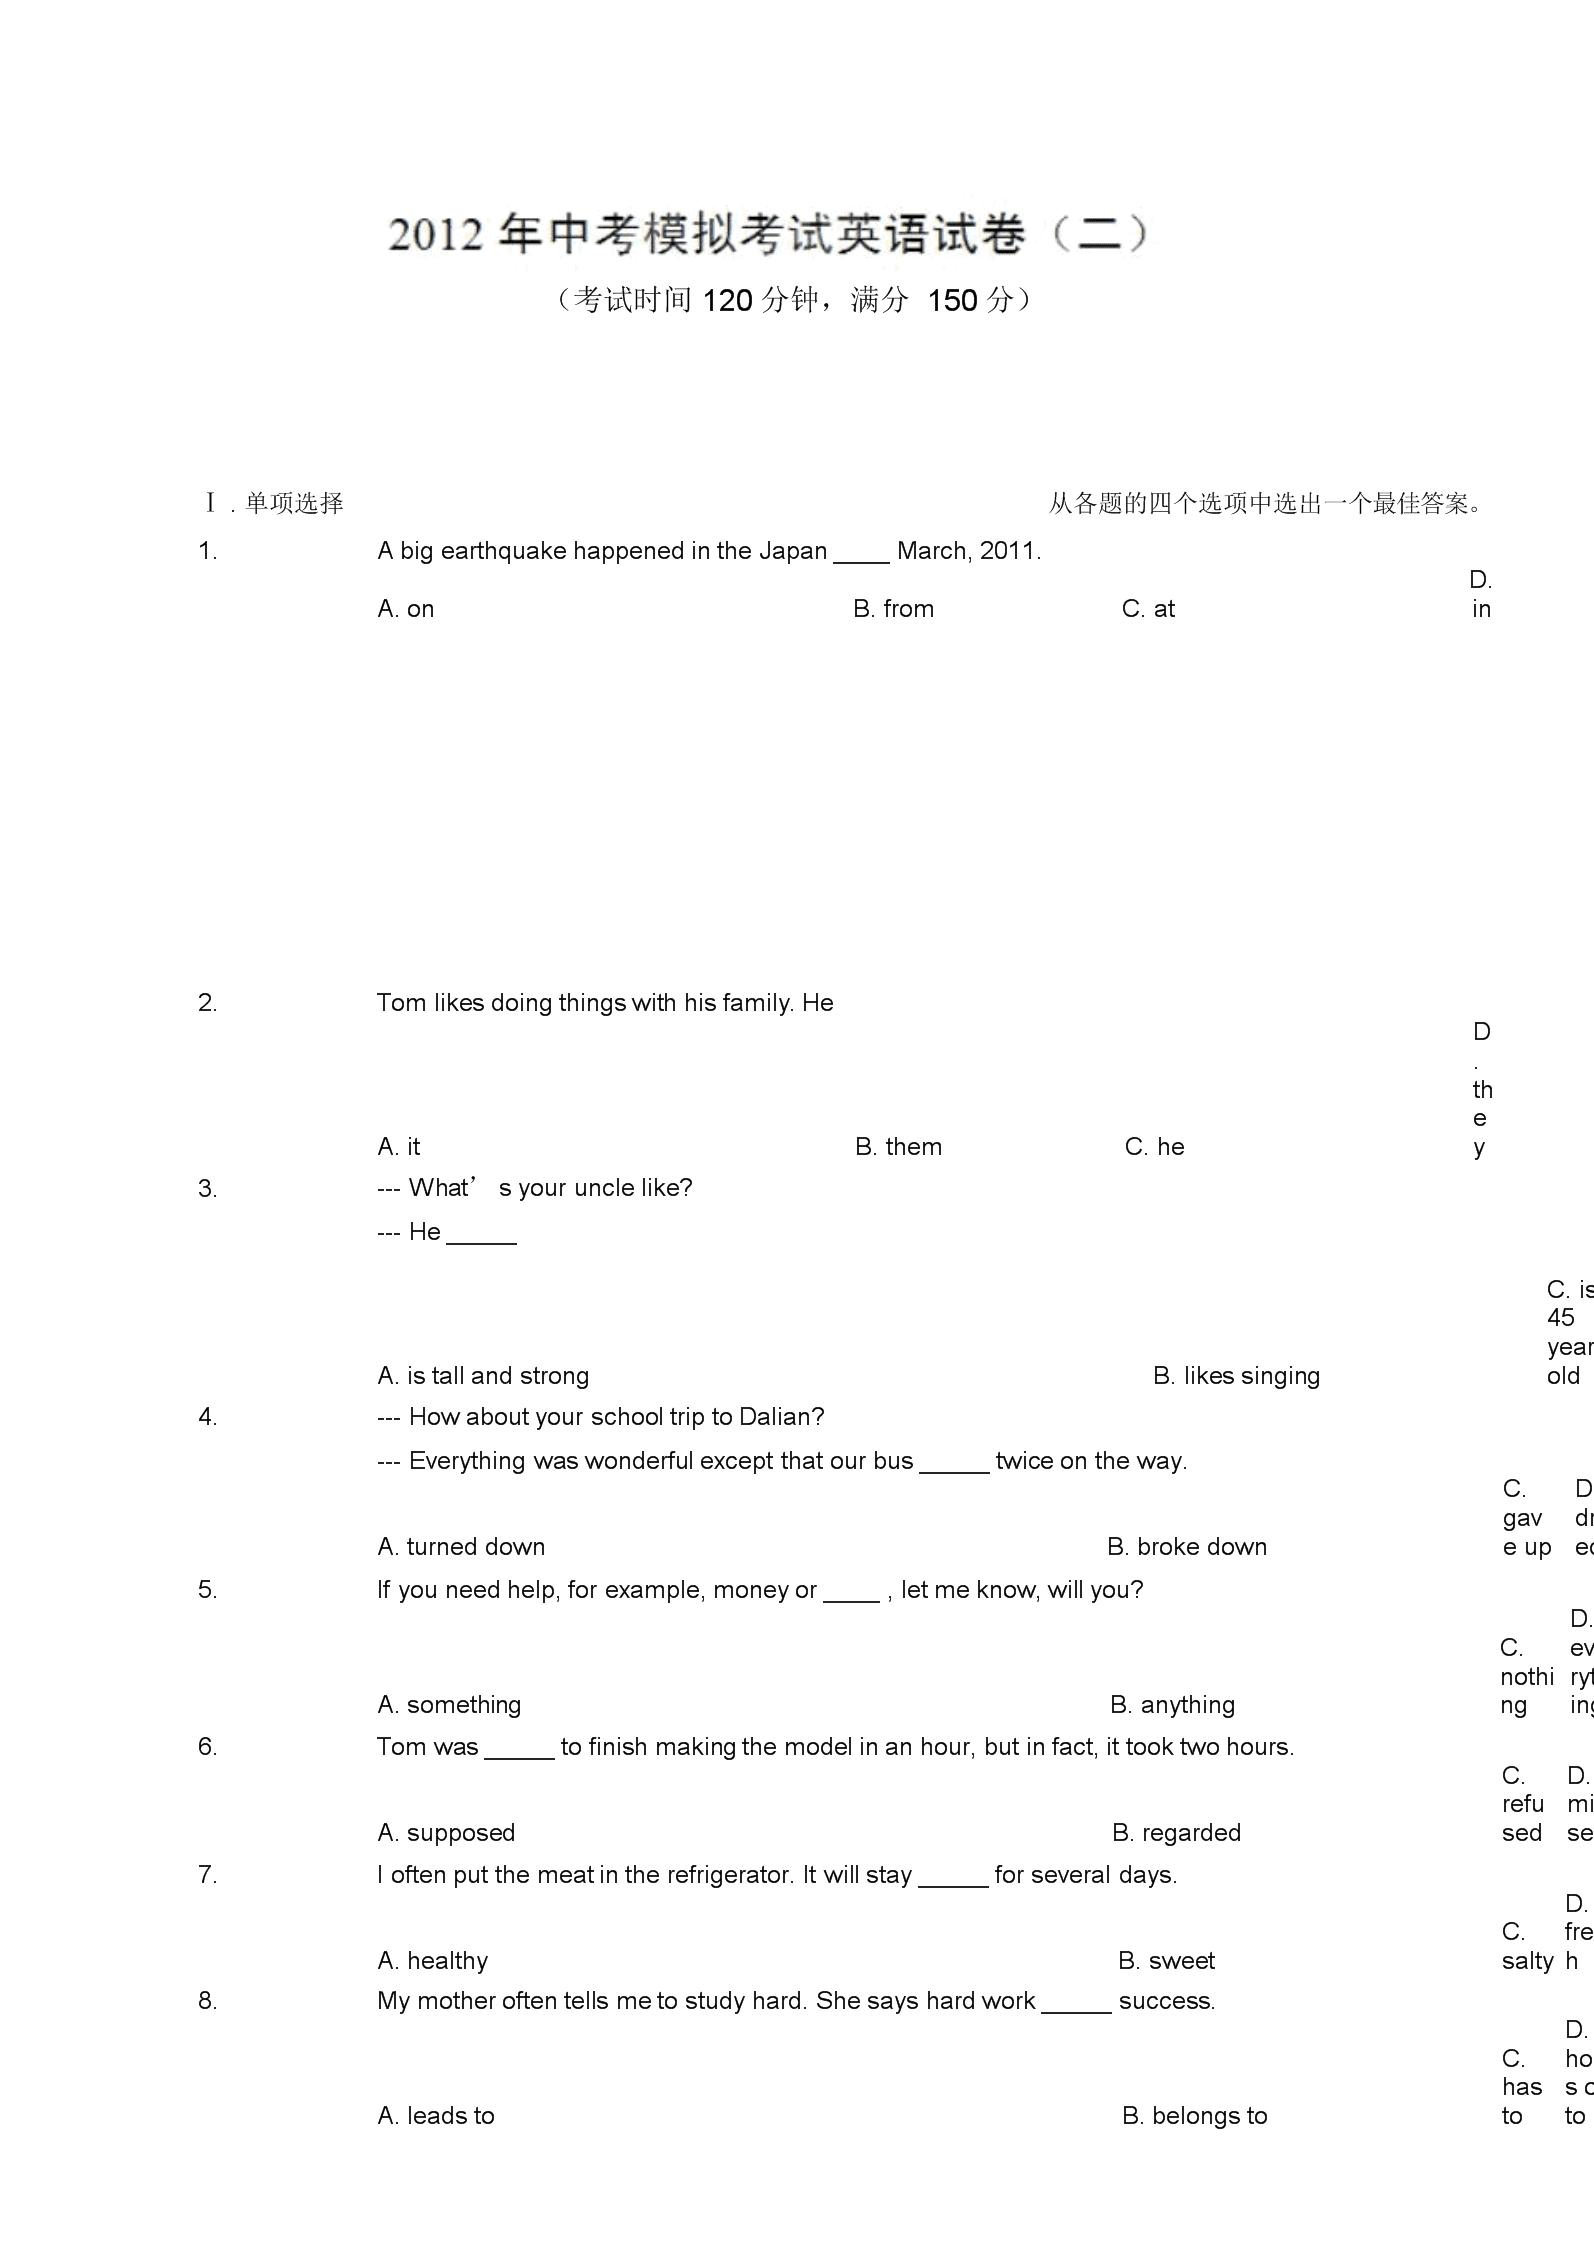 辽宁省营口市中考模拟(二)英语试题.docx